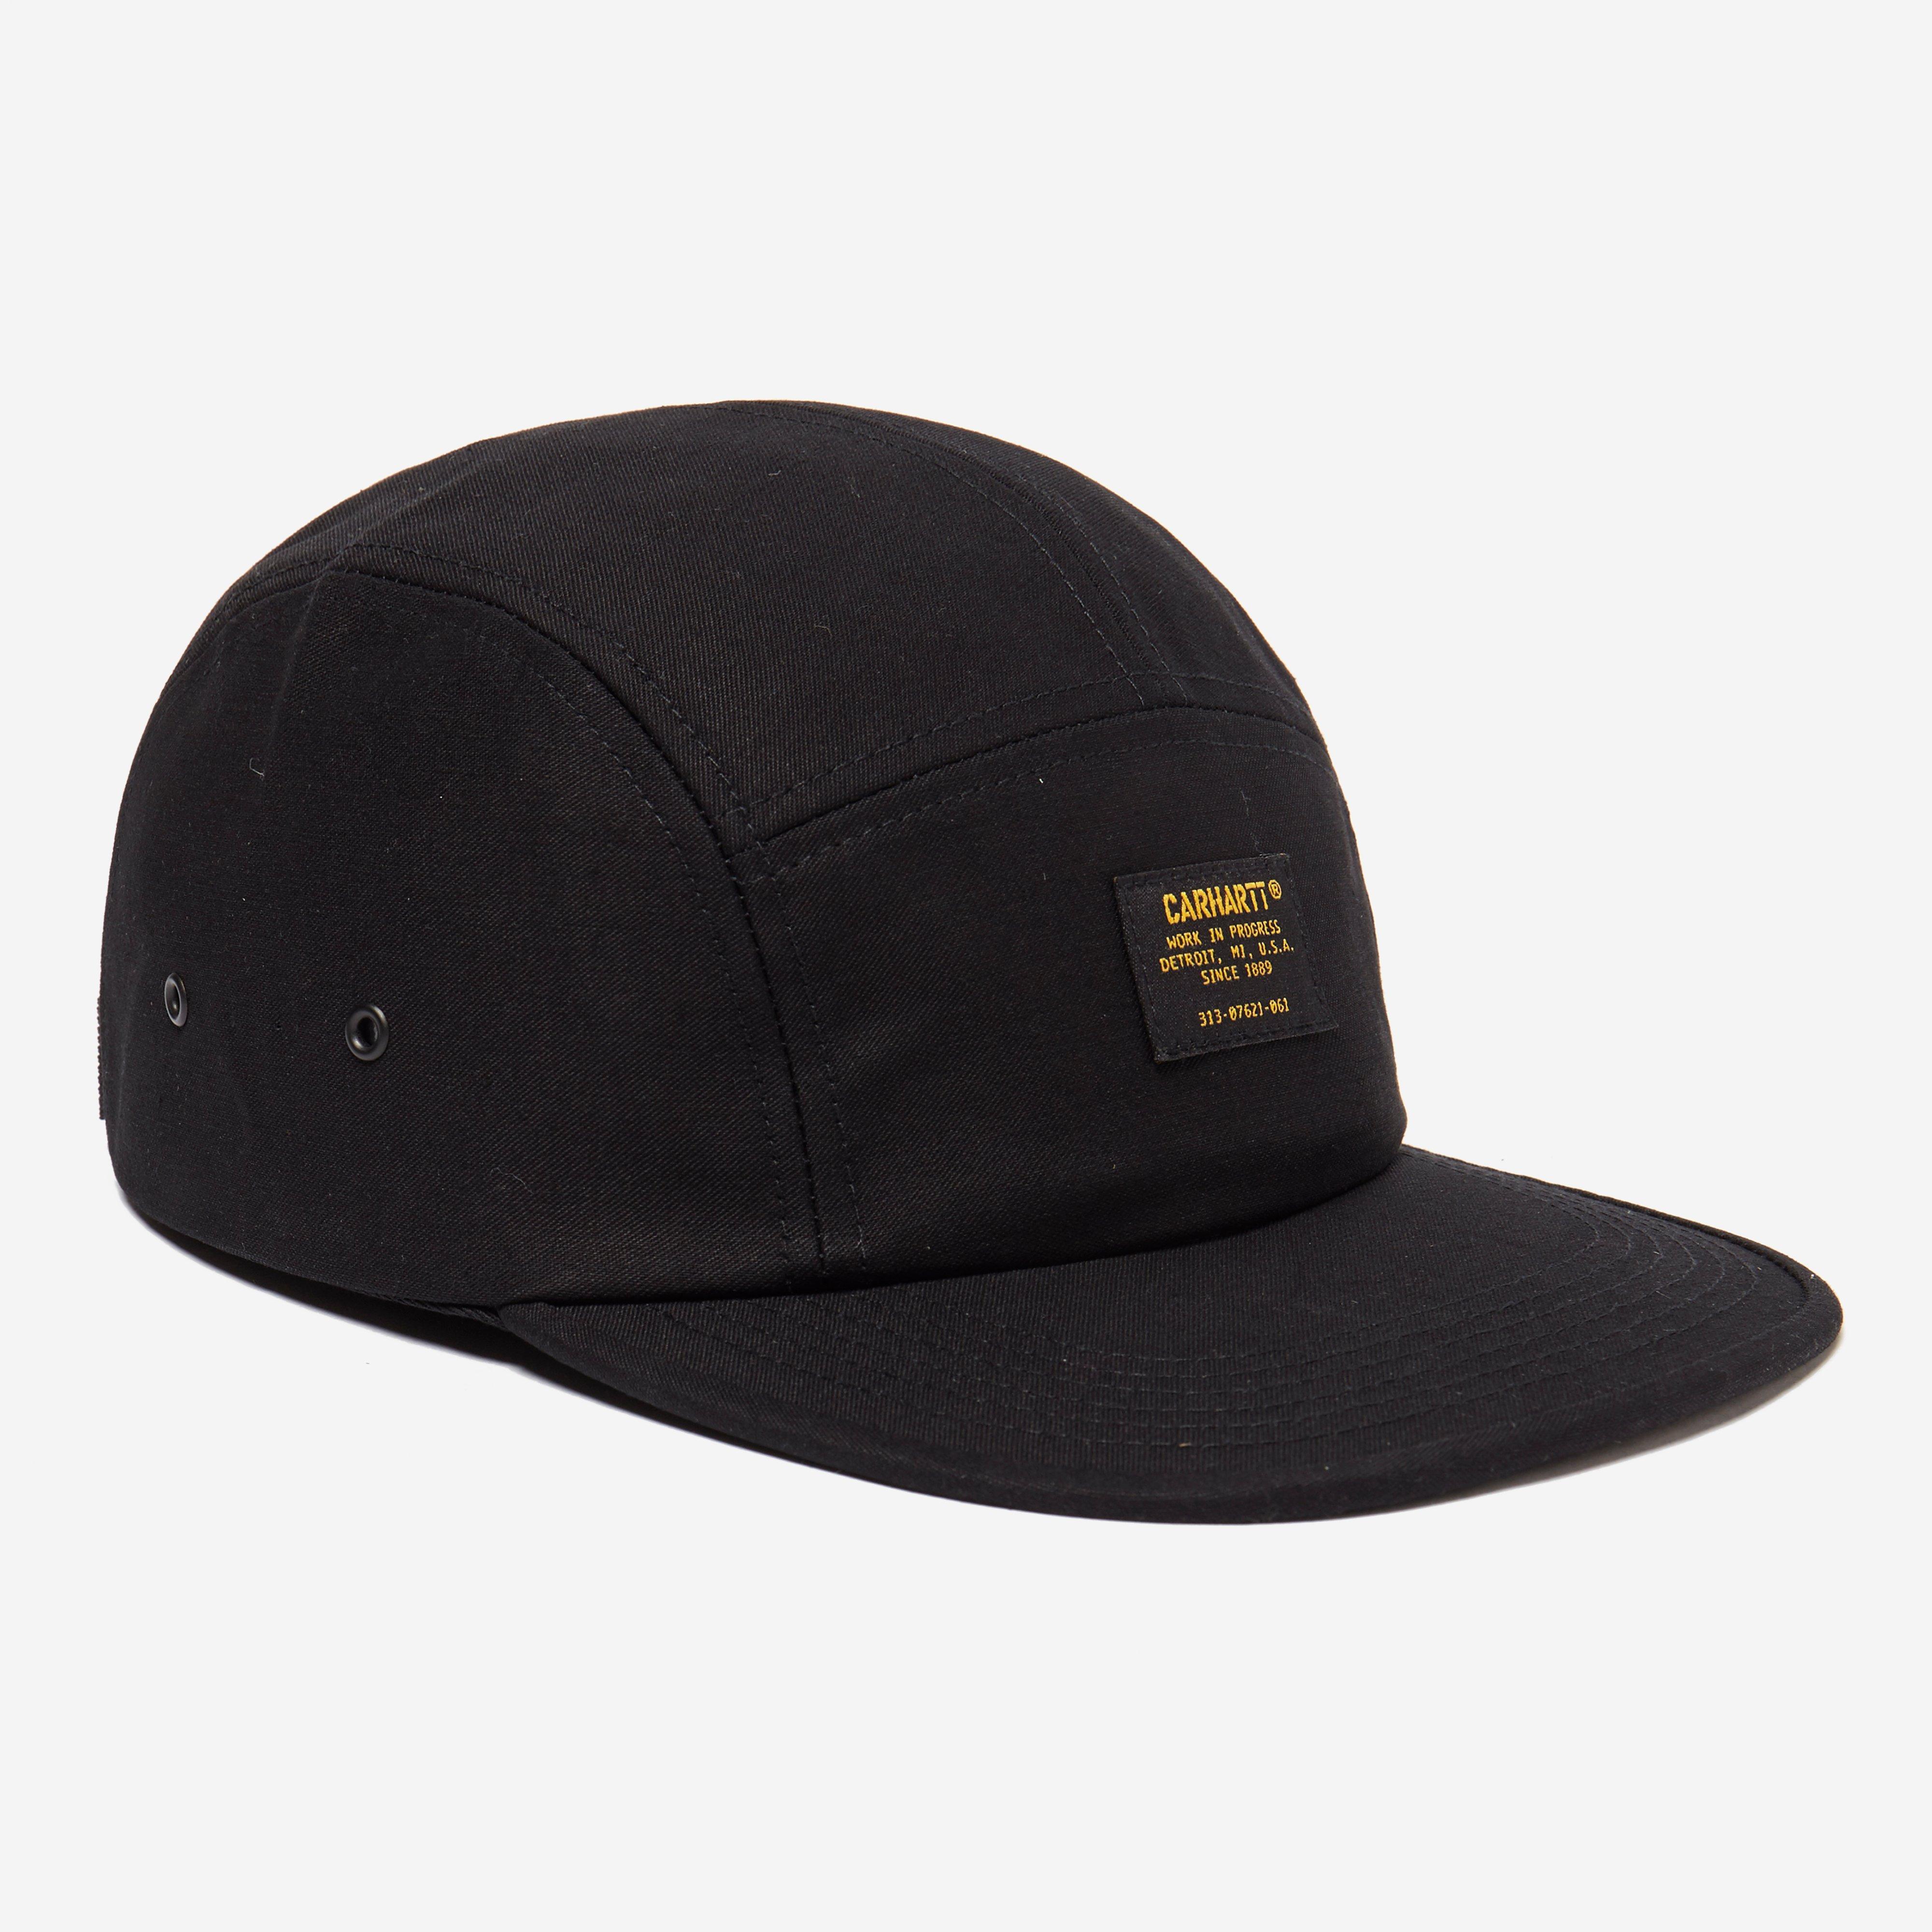 Carhartt Military Cap